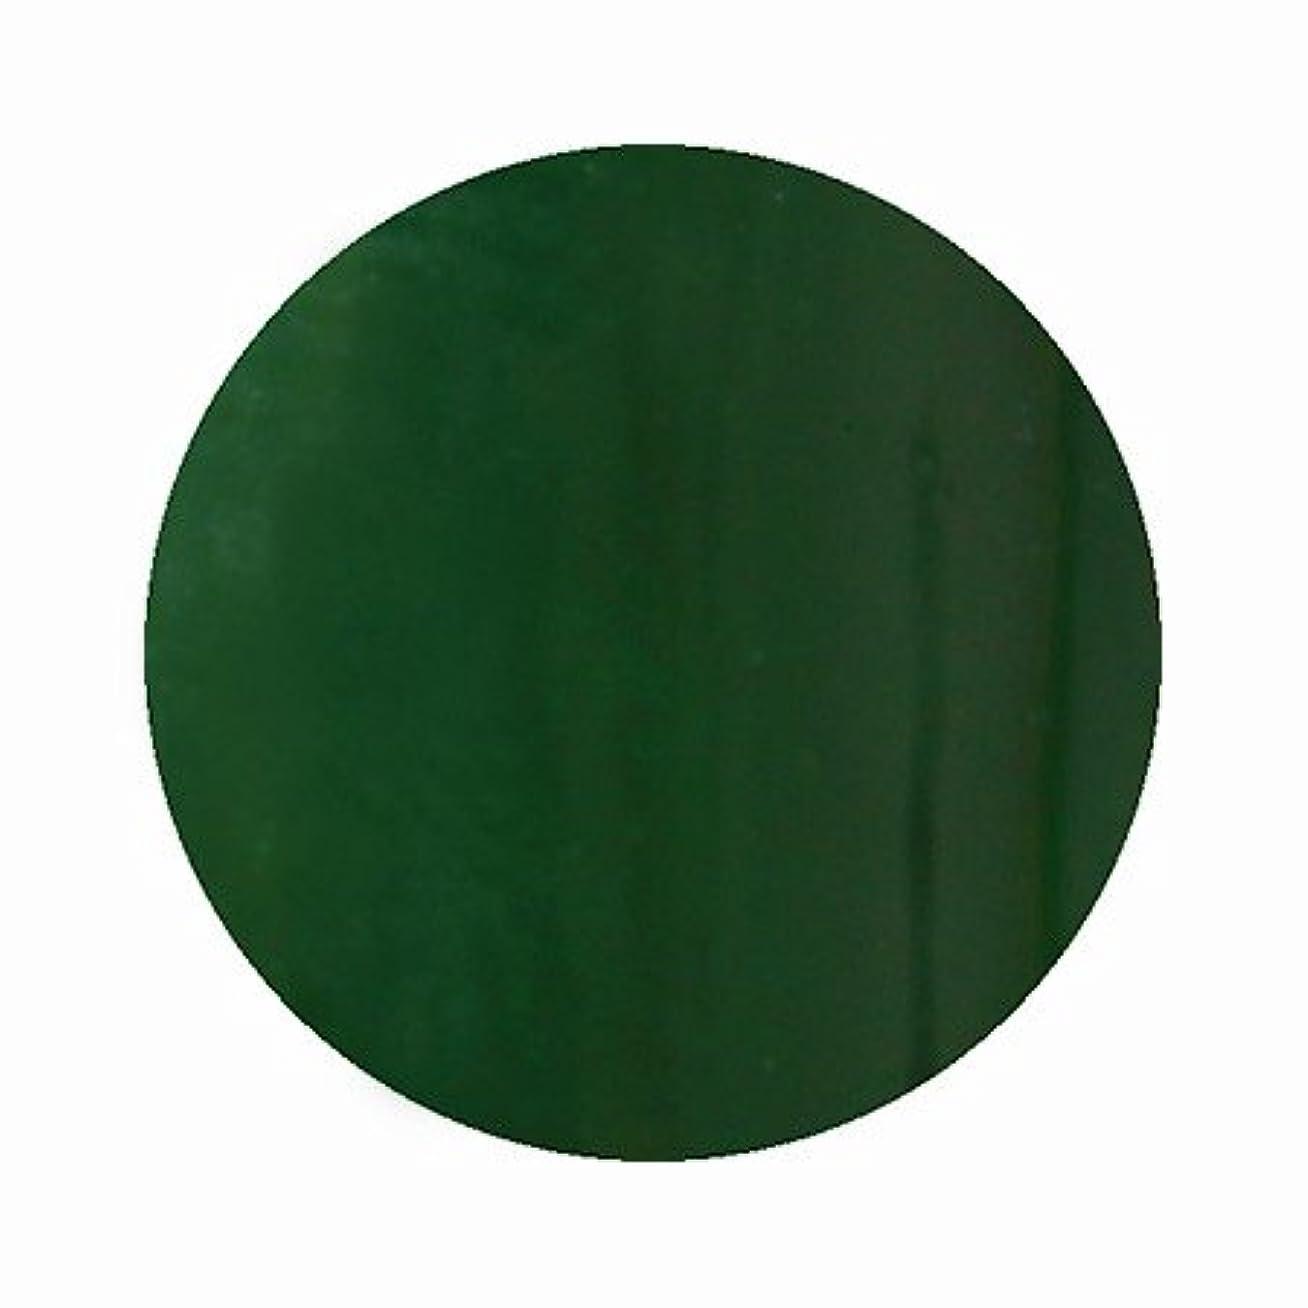 キャベツ説明的大混乱パラポリッシュ ハイブリッドカラージェル V9 モスグリーン 7g